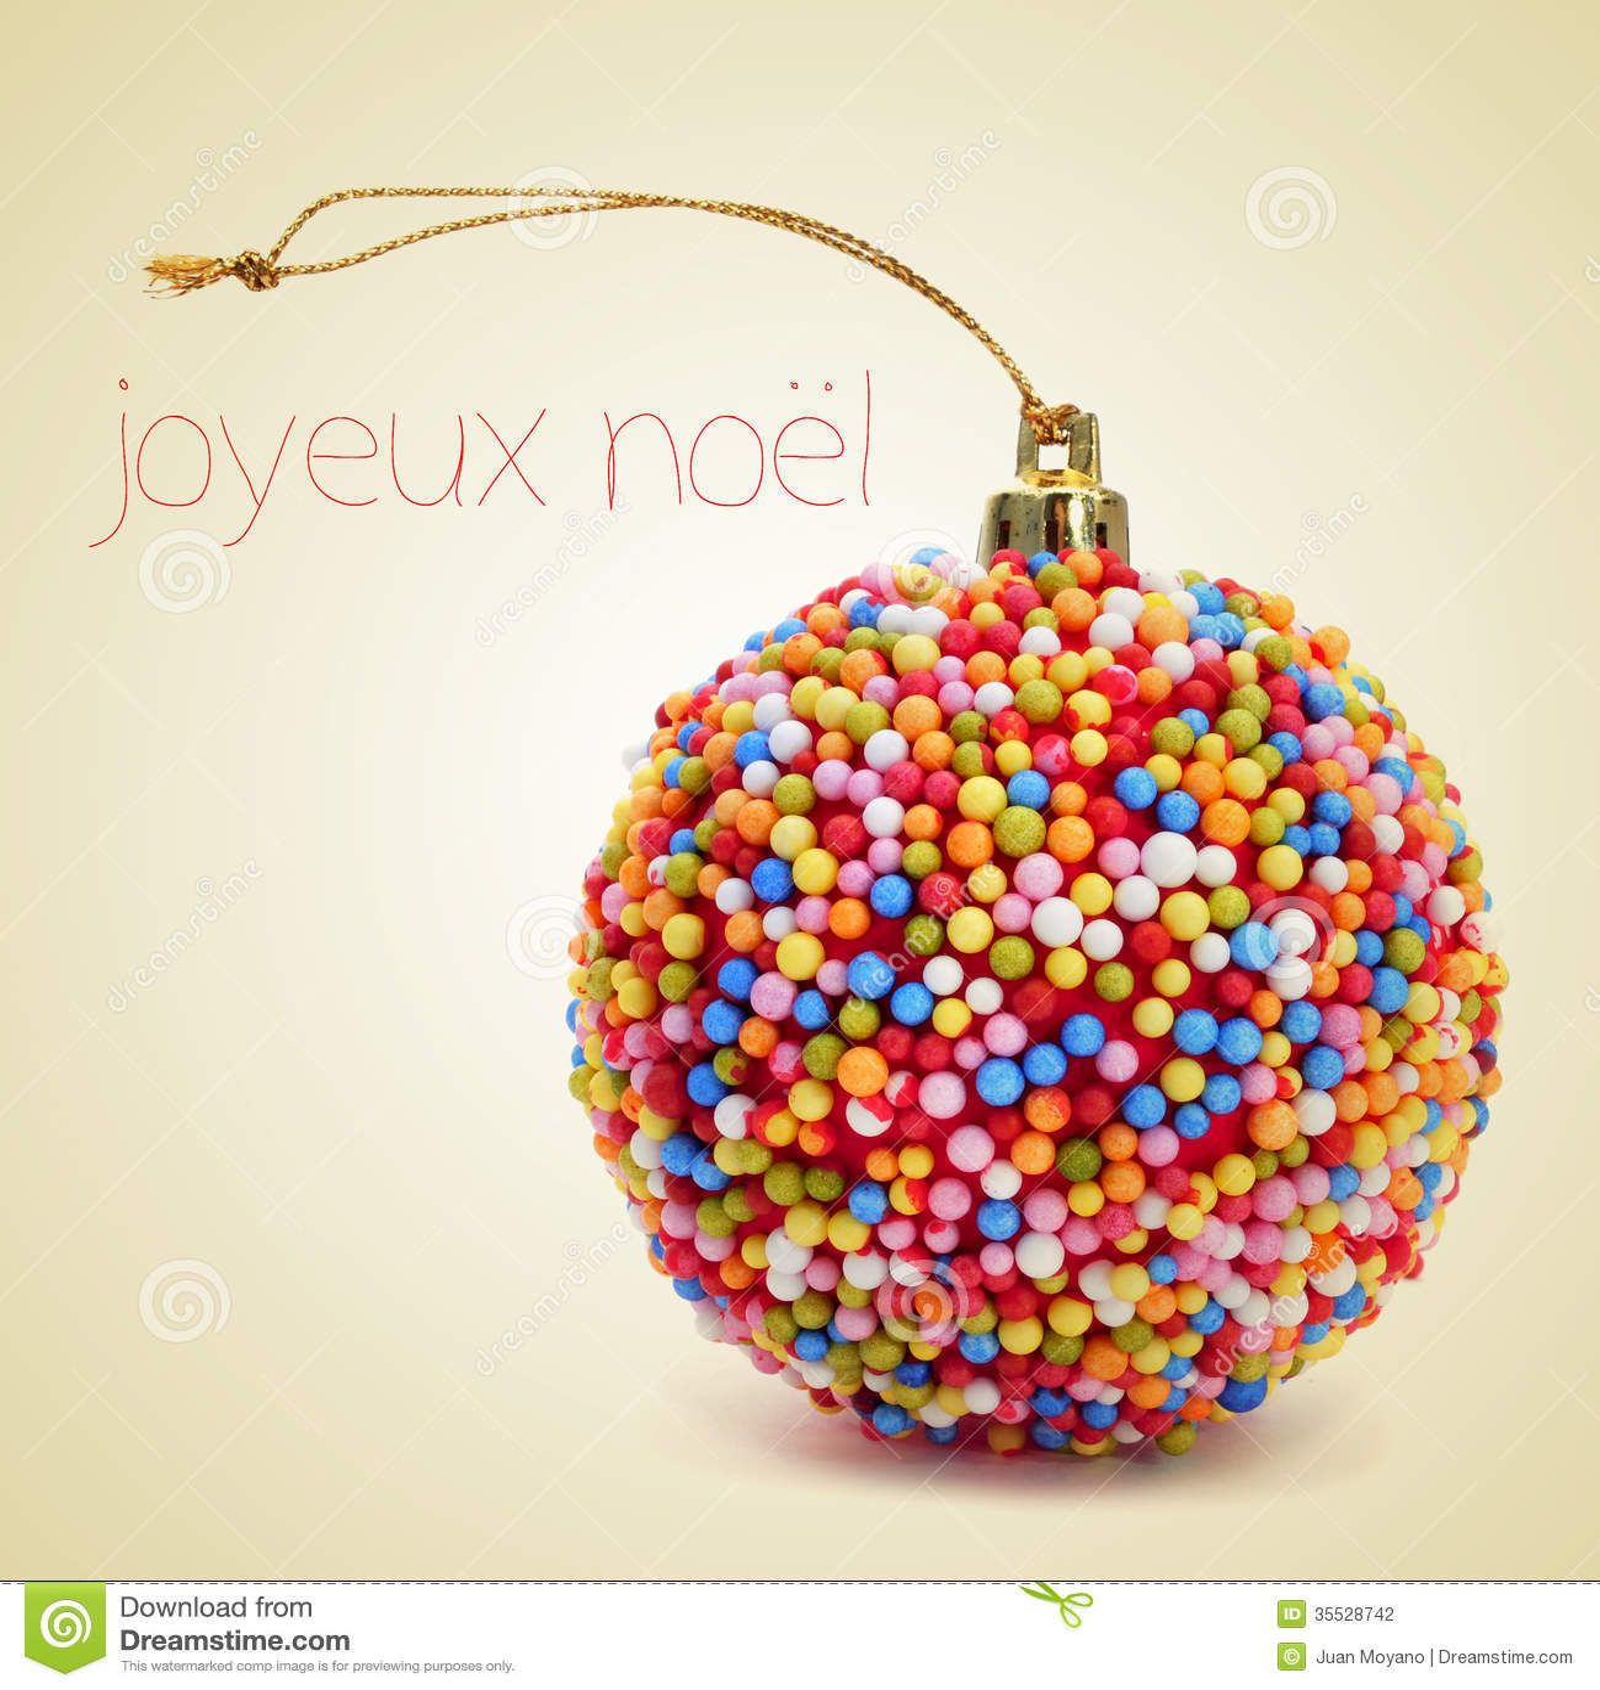 joyeux noel frohe weihnachten auf franz sisch stockfoto. Black Bedroom Furniture Sets. Home Design Ideas